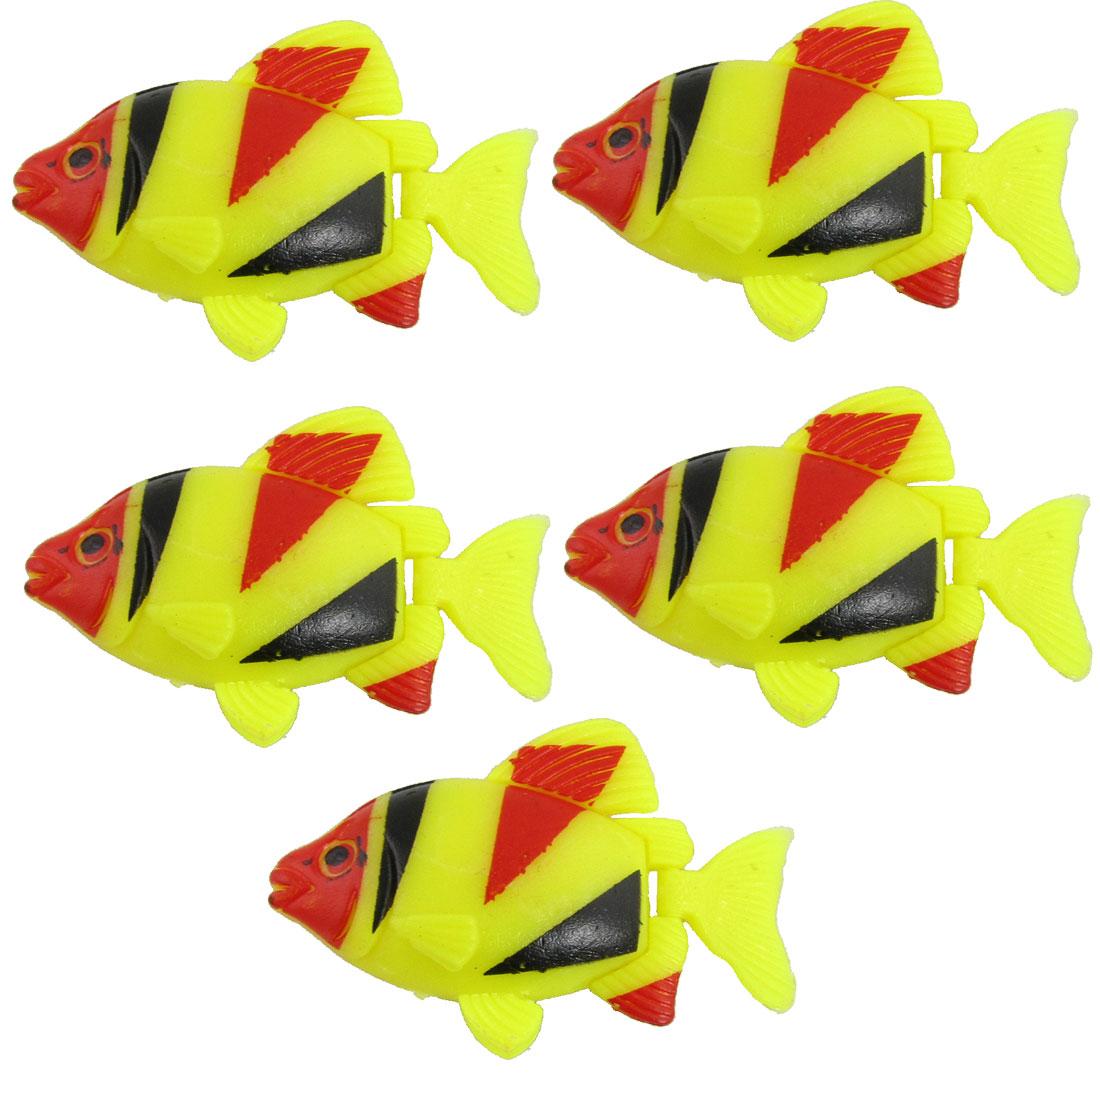 Set of 5 Aquarium Decorative Plastic Floating Fish